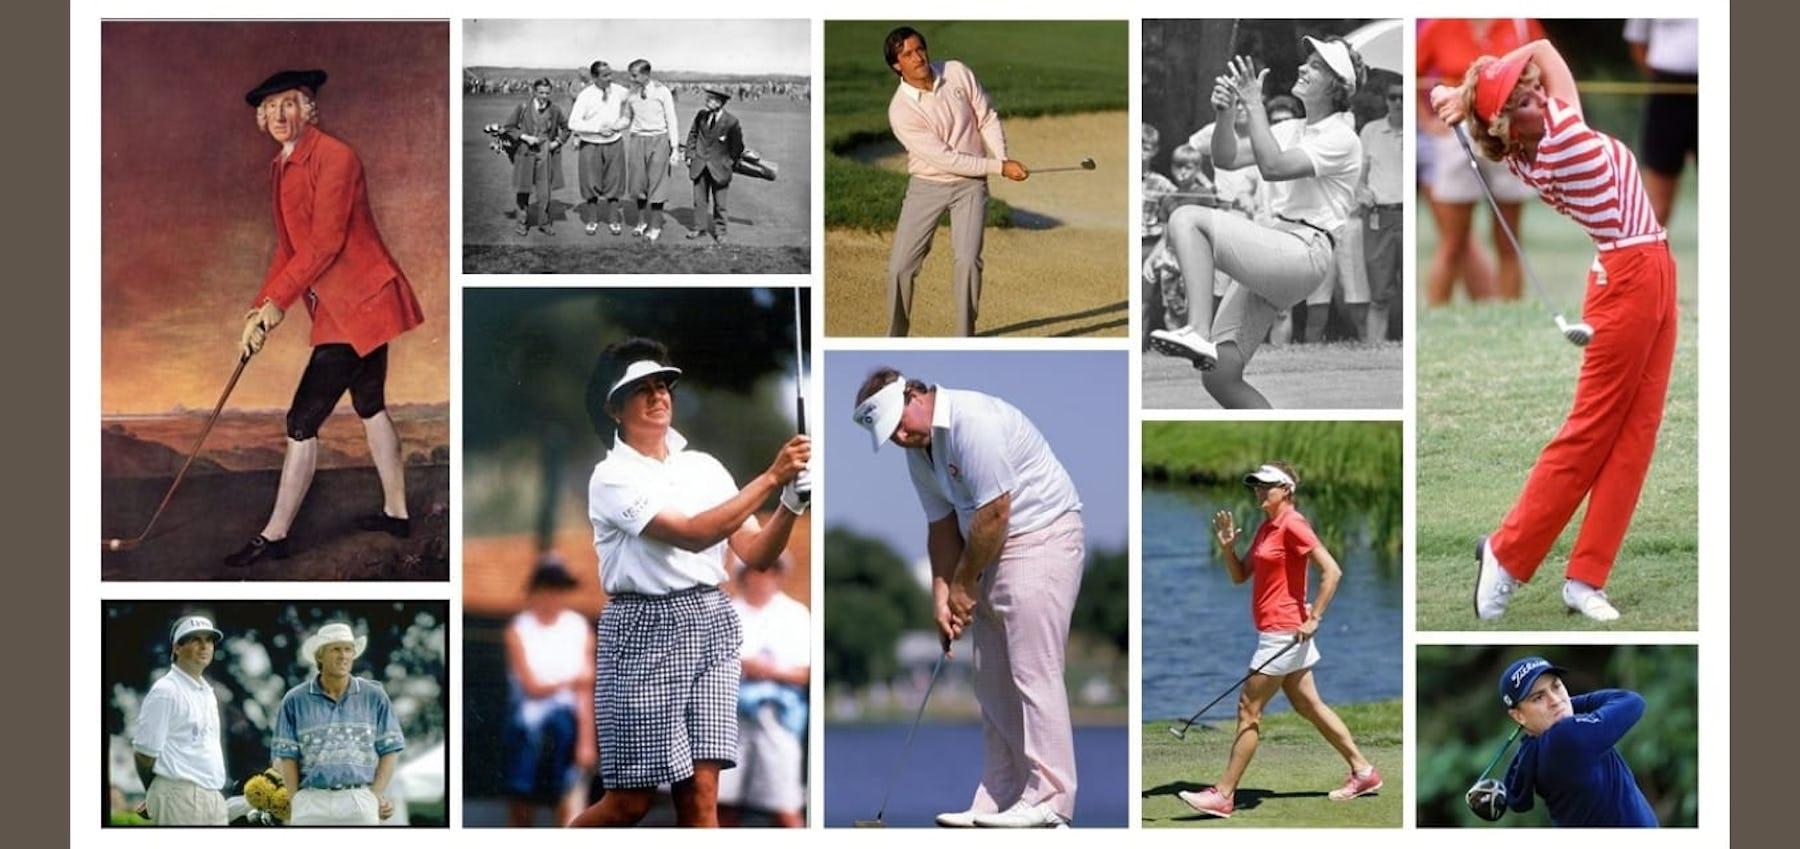 Golf fashion through the years